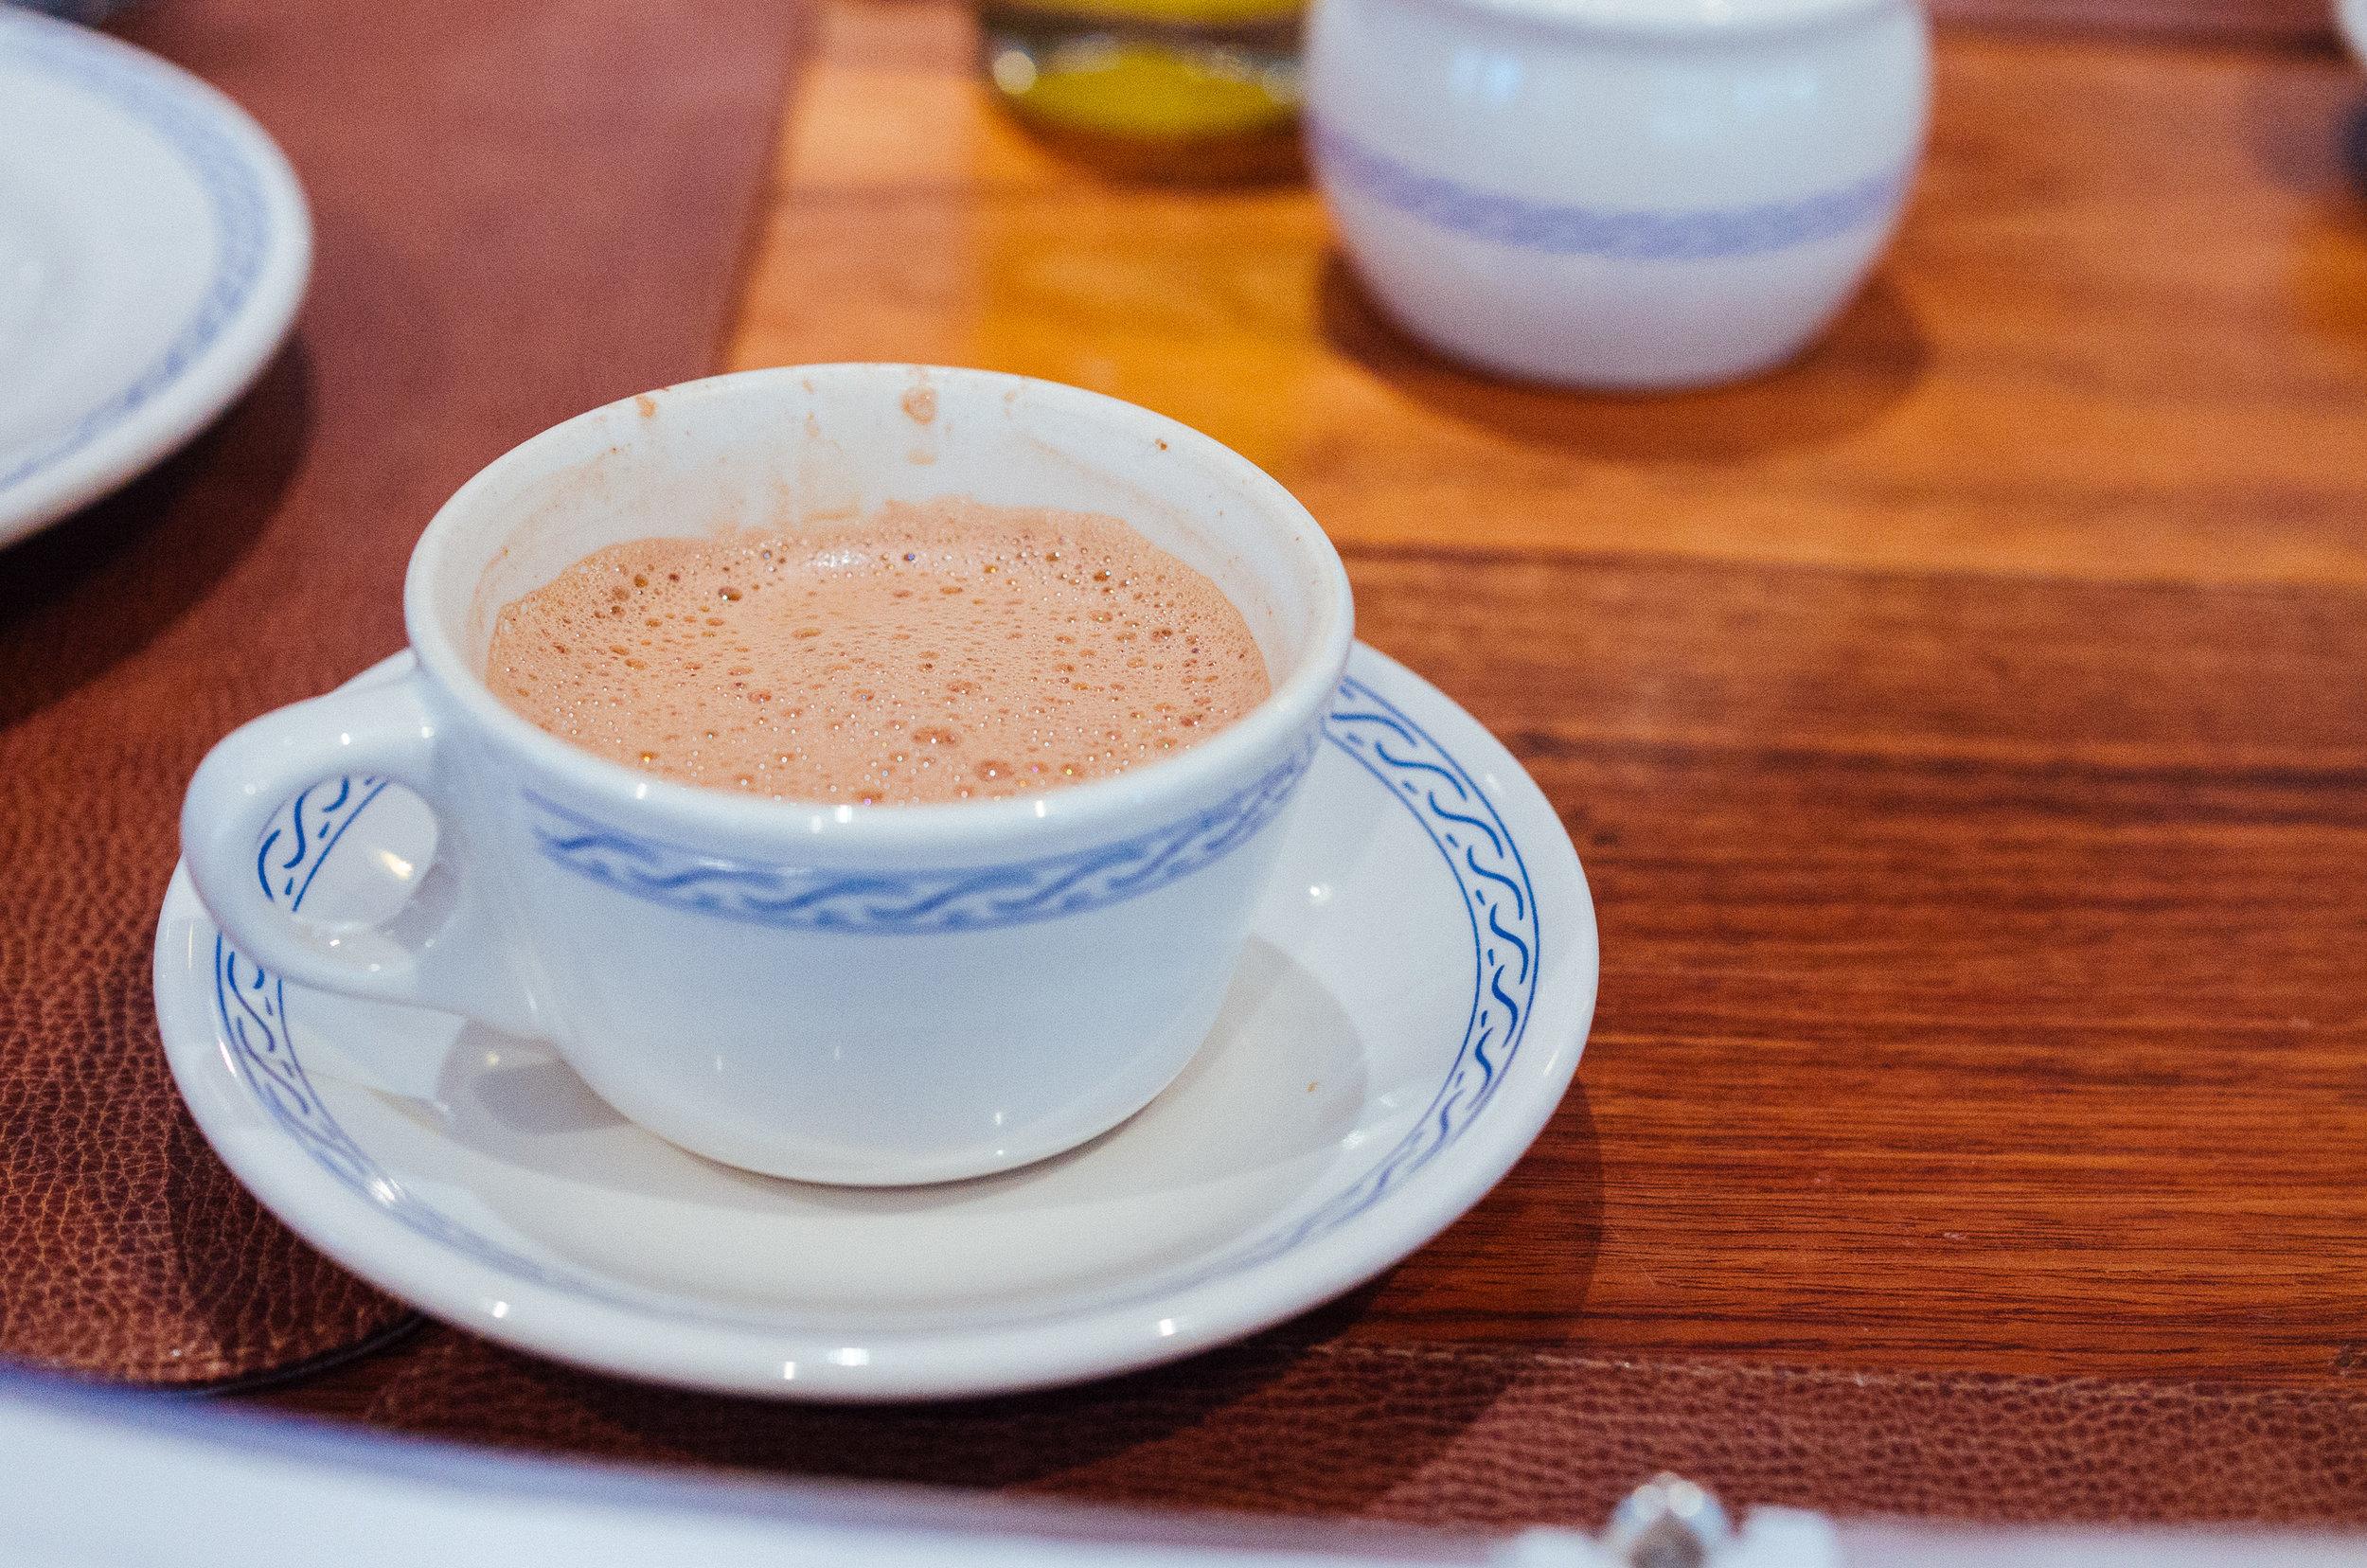 店内的墨西哥热巧克力是卷儿每次必点的饮料。喝不过隐的还可以买上几块固状的巧克力块带回家自己煮着喝。